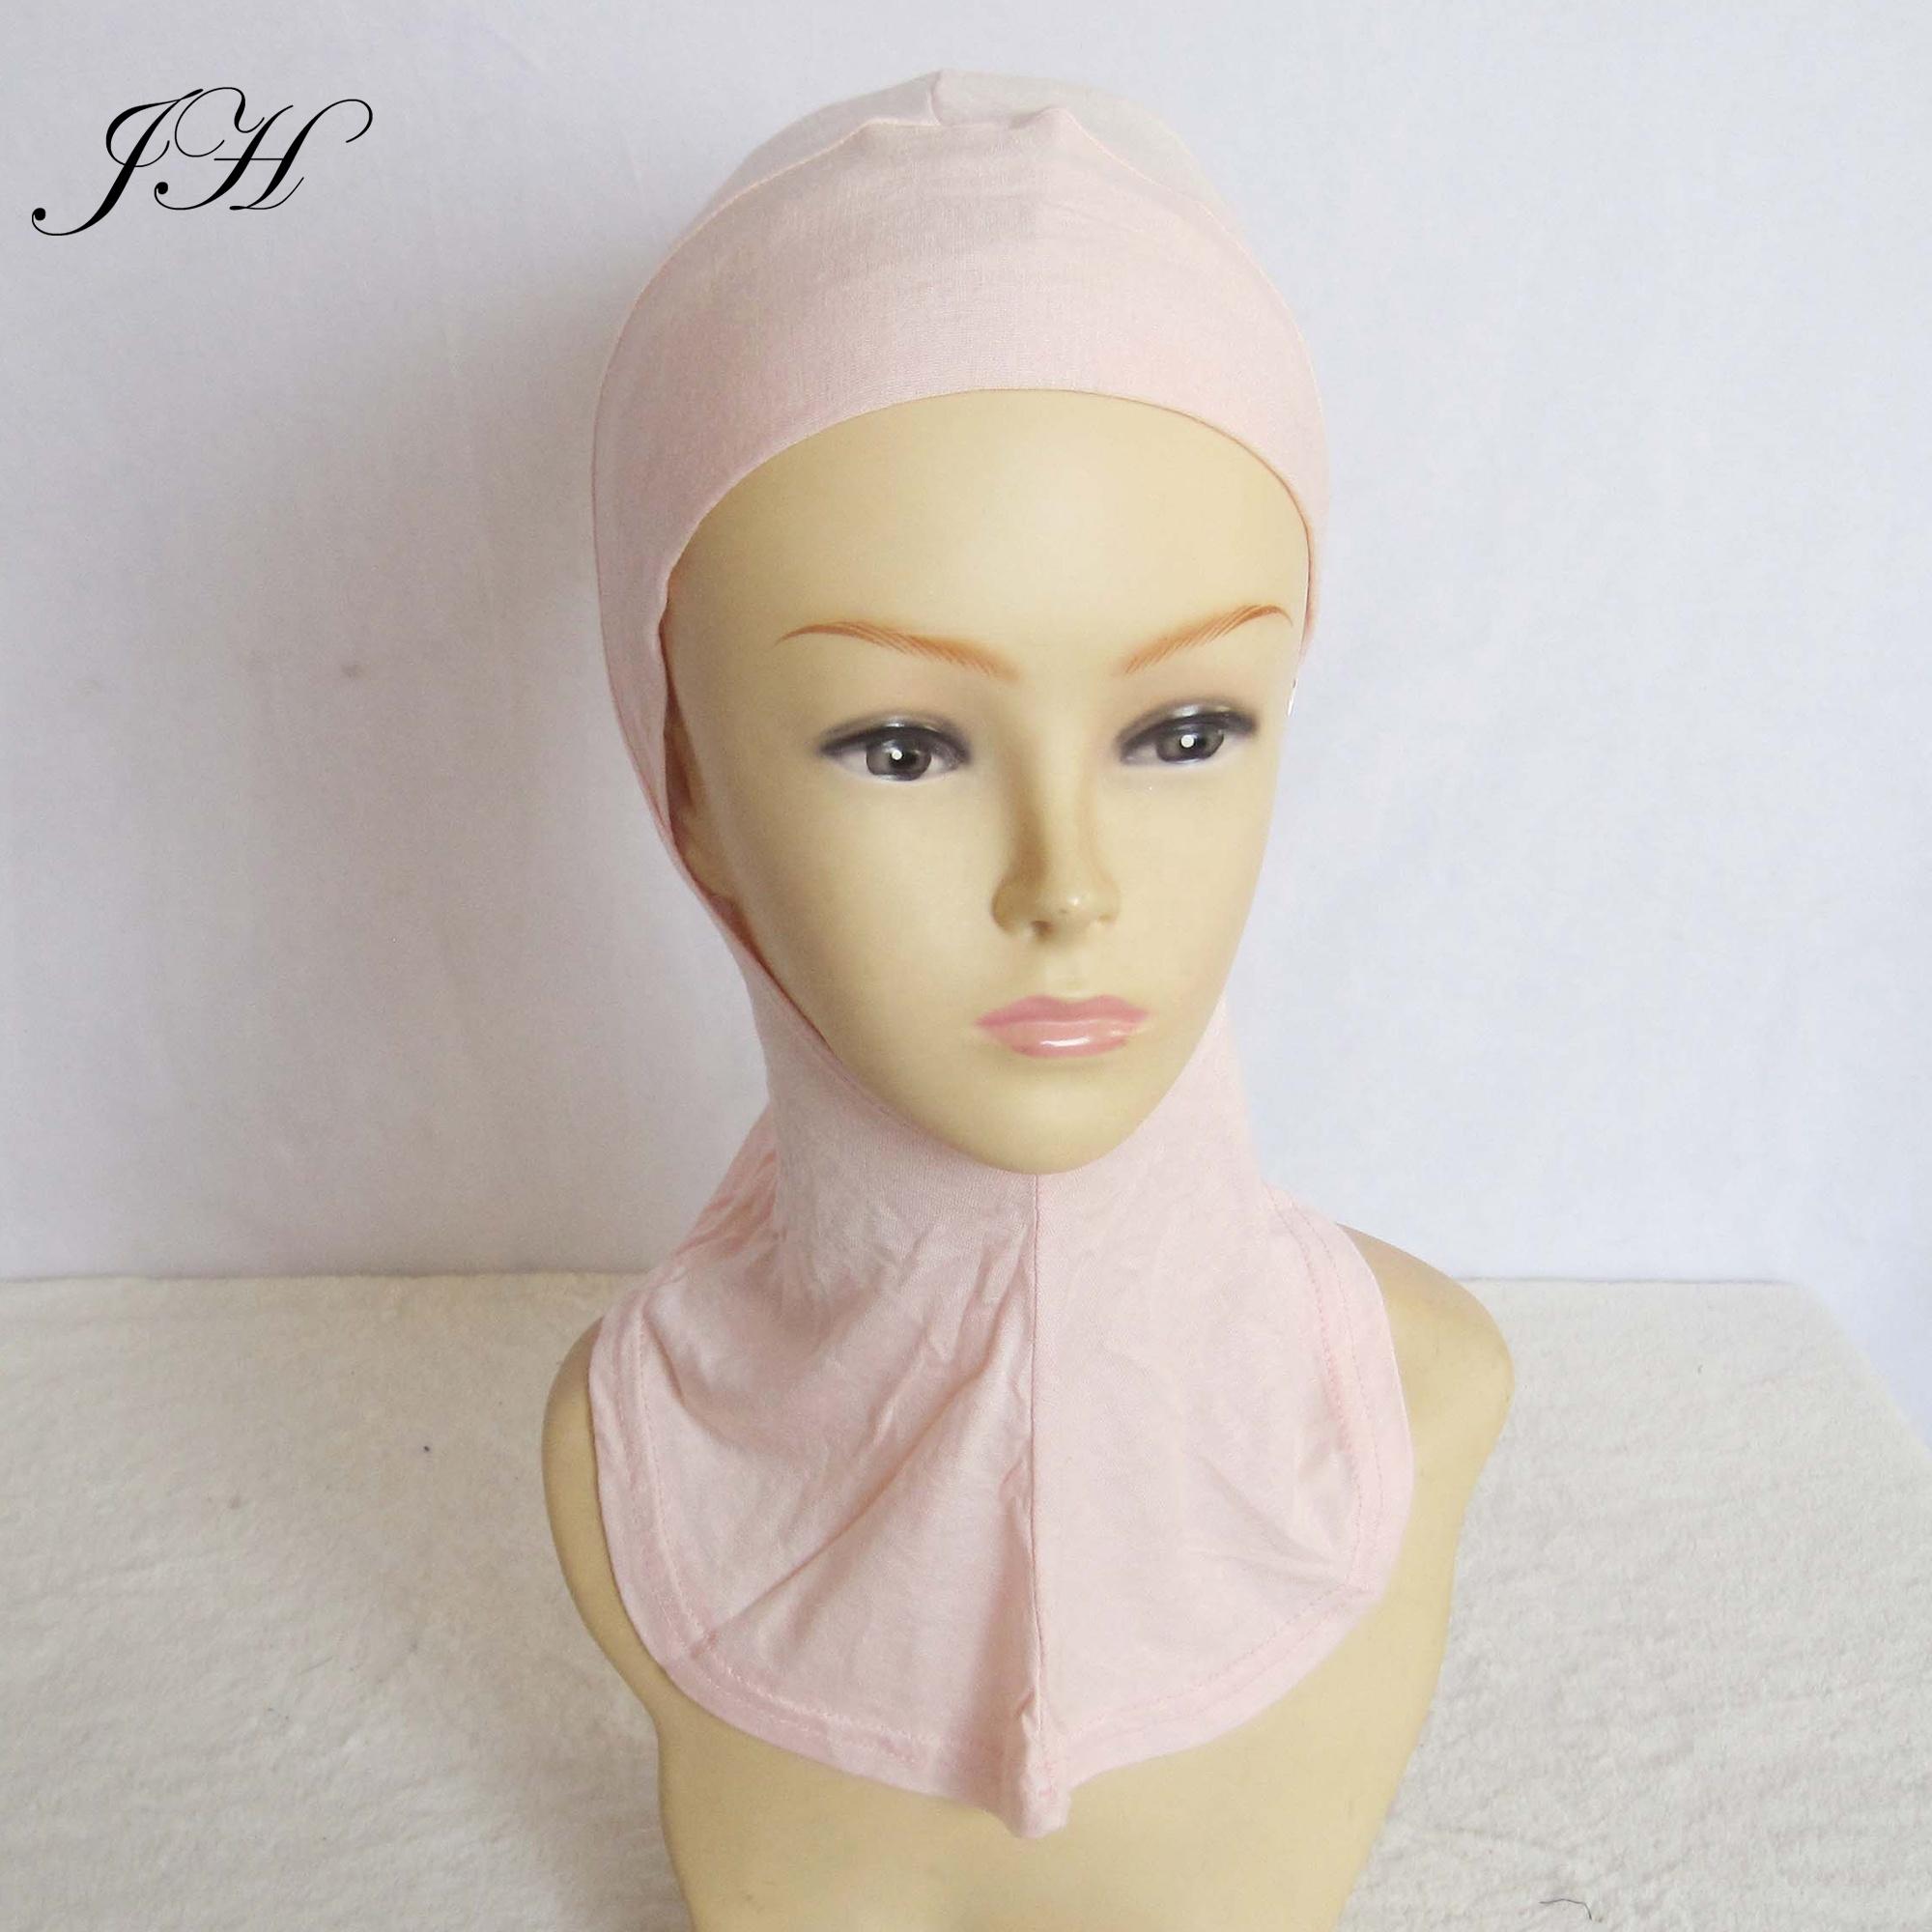 2019 sıcak satış moda yumuşak düz pamuklu jarse tam kapak Ninja başörtüsü altında eşarp bayan kaput şapkalar islam iç kap